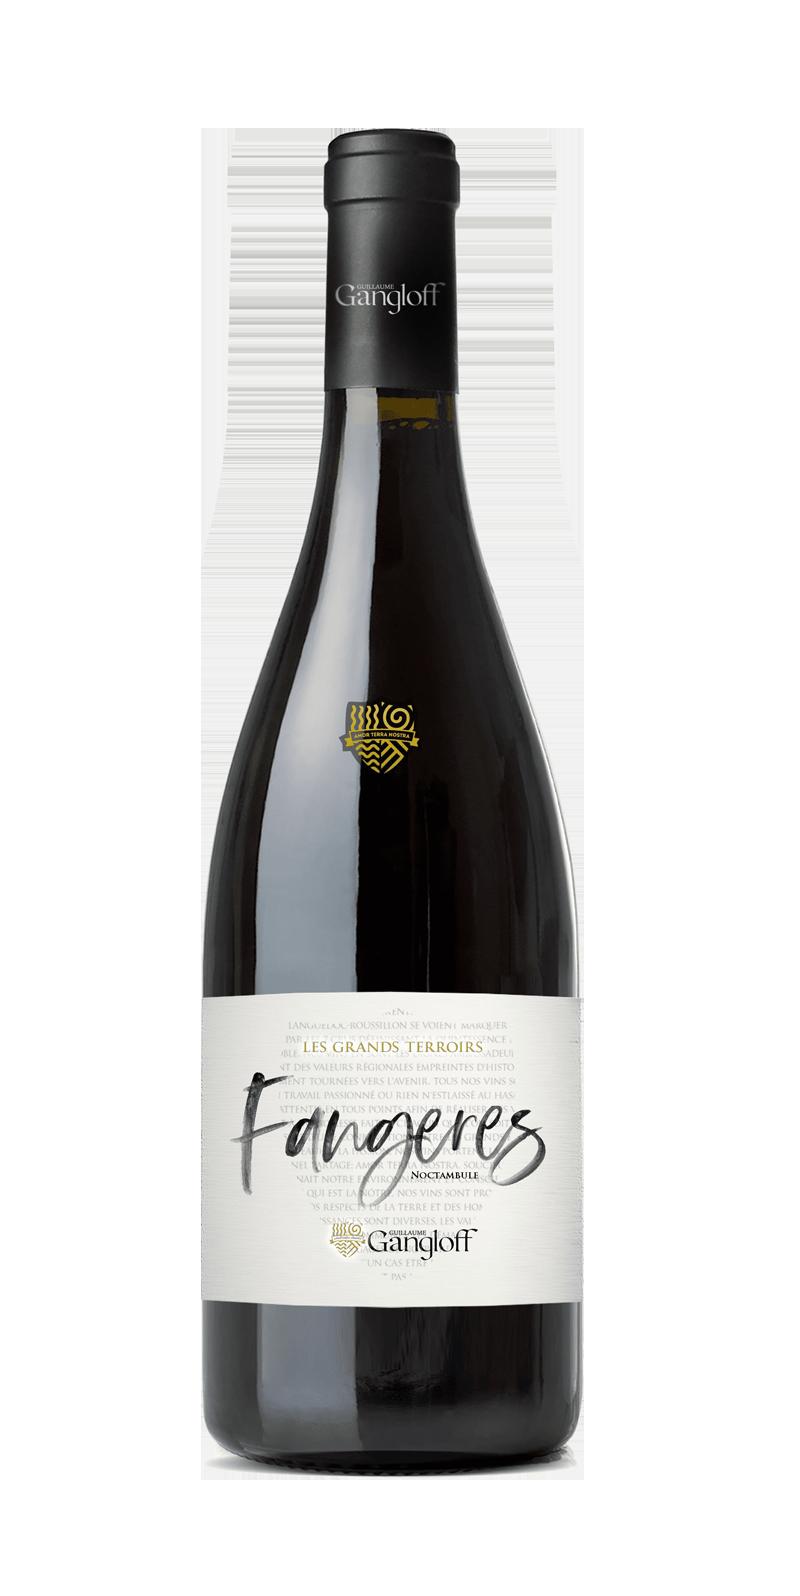 FAUGÈRES | Noctambules Guillaume GANGLOFF